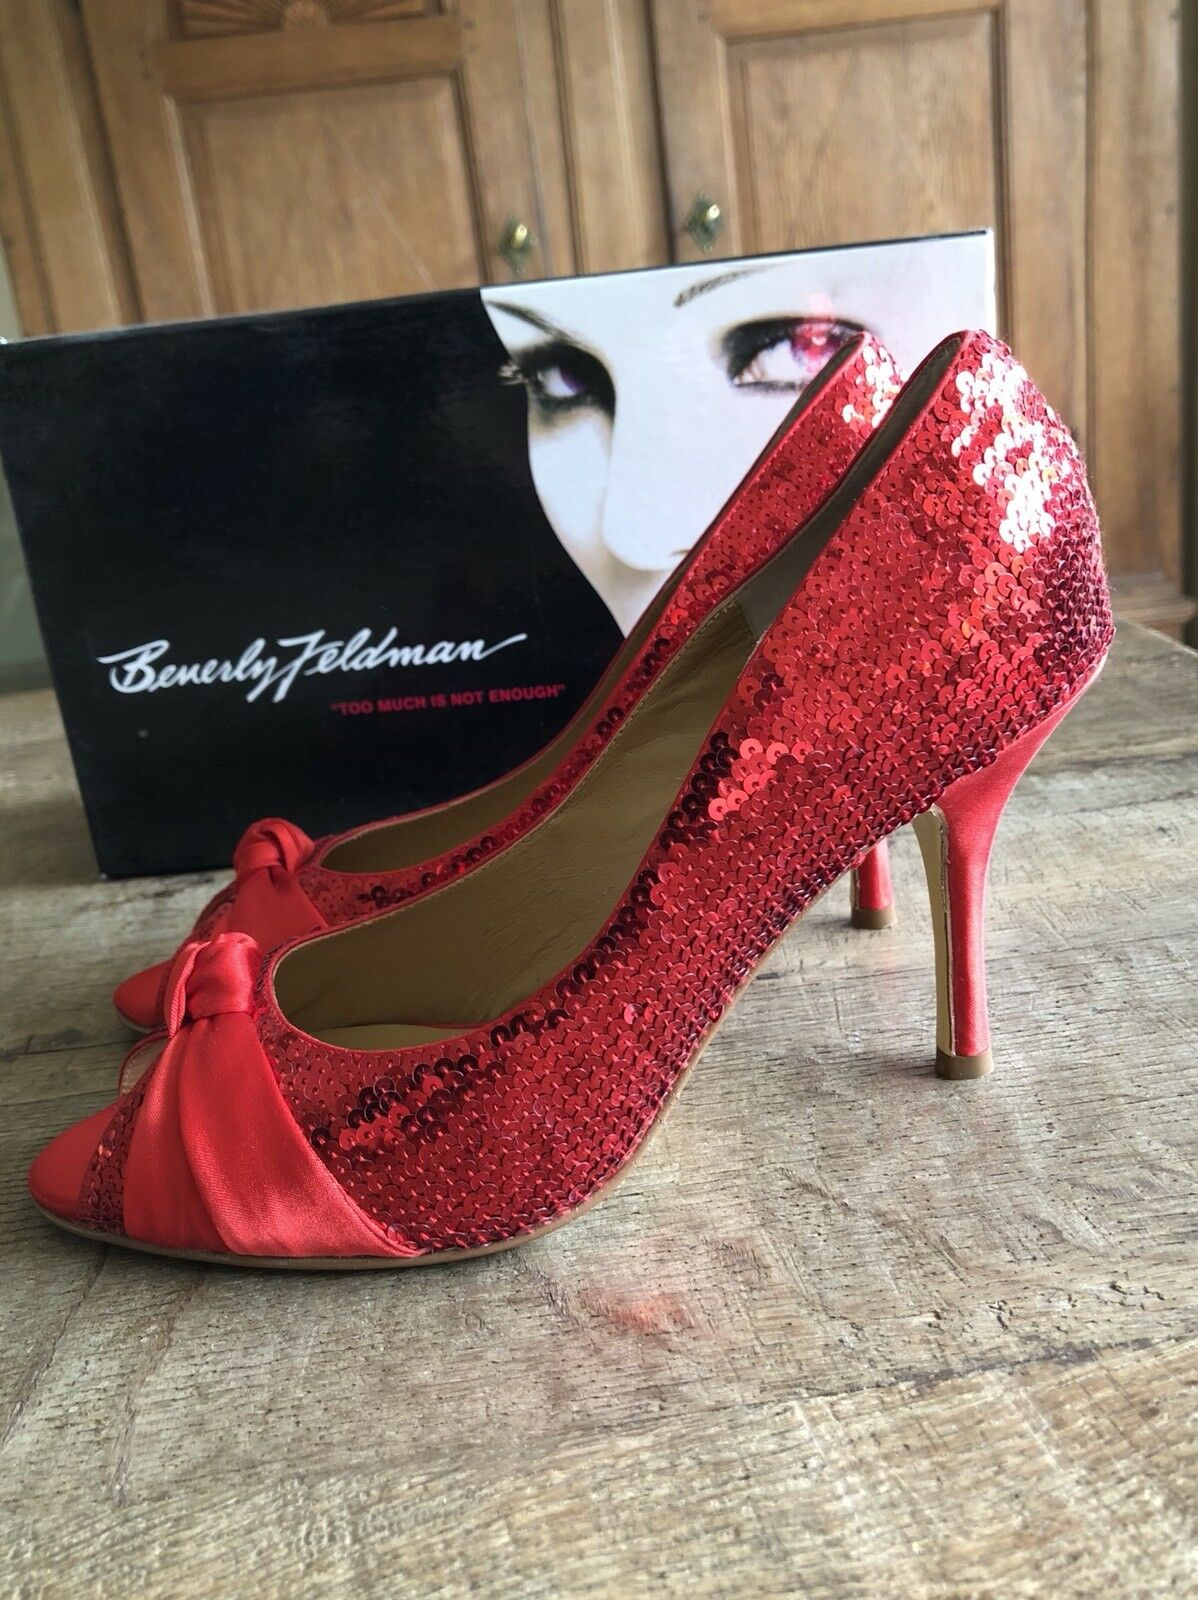 Beverly Feldman PUMPS PUMPS PUMPS Schuhe Pailletten Gr. 38 NEU mit Karton 1e0dee